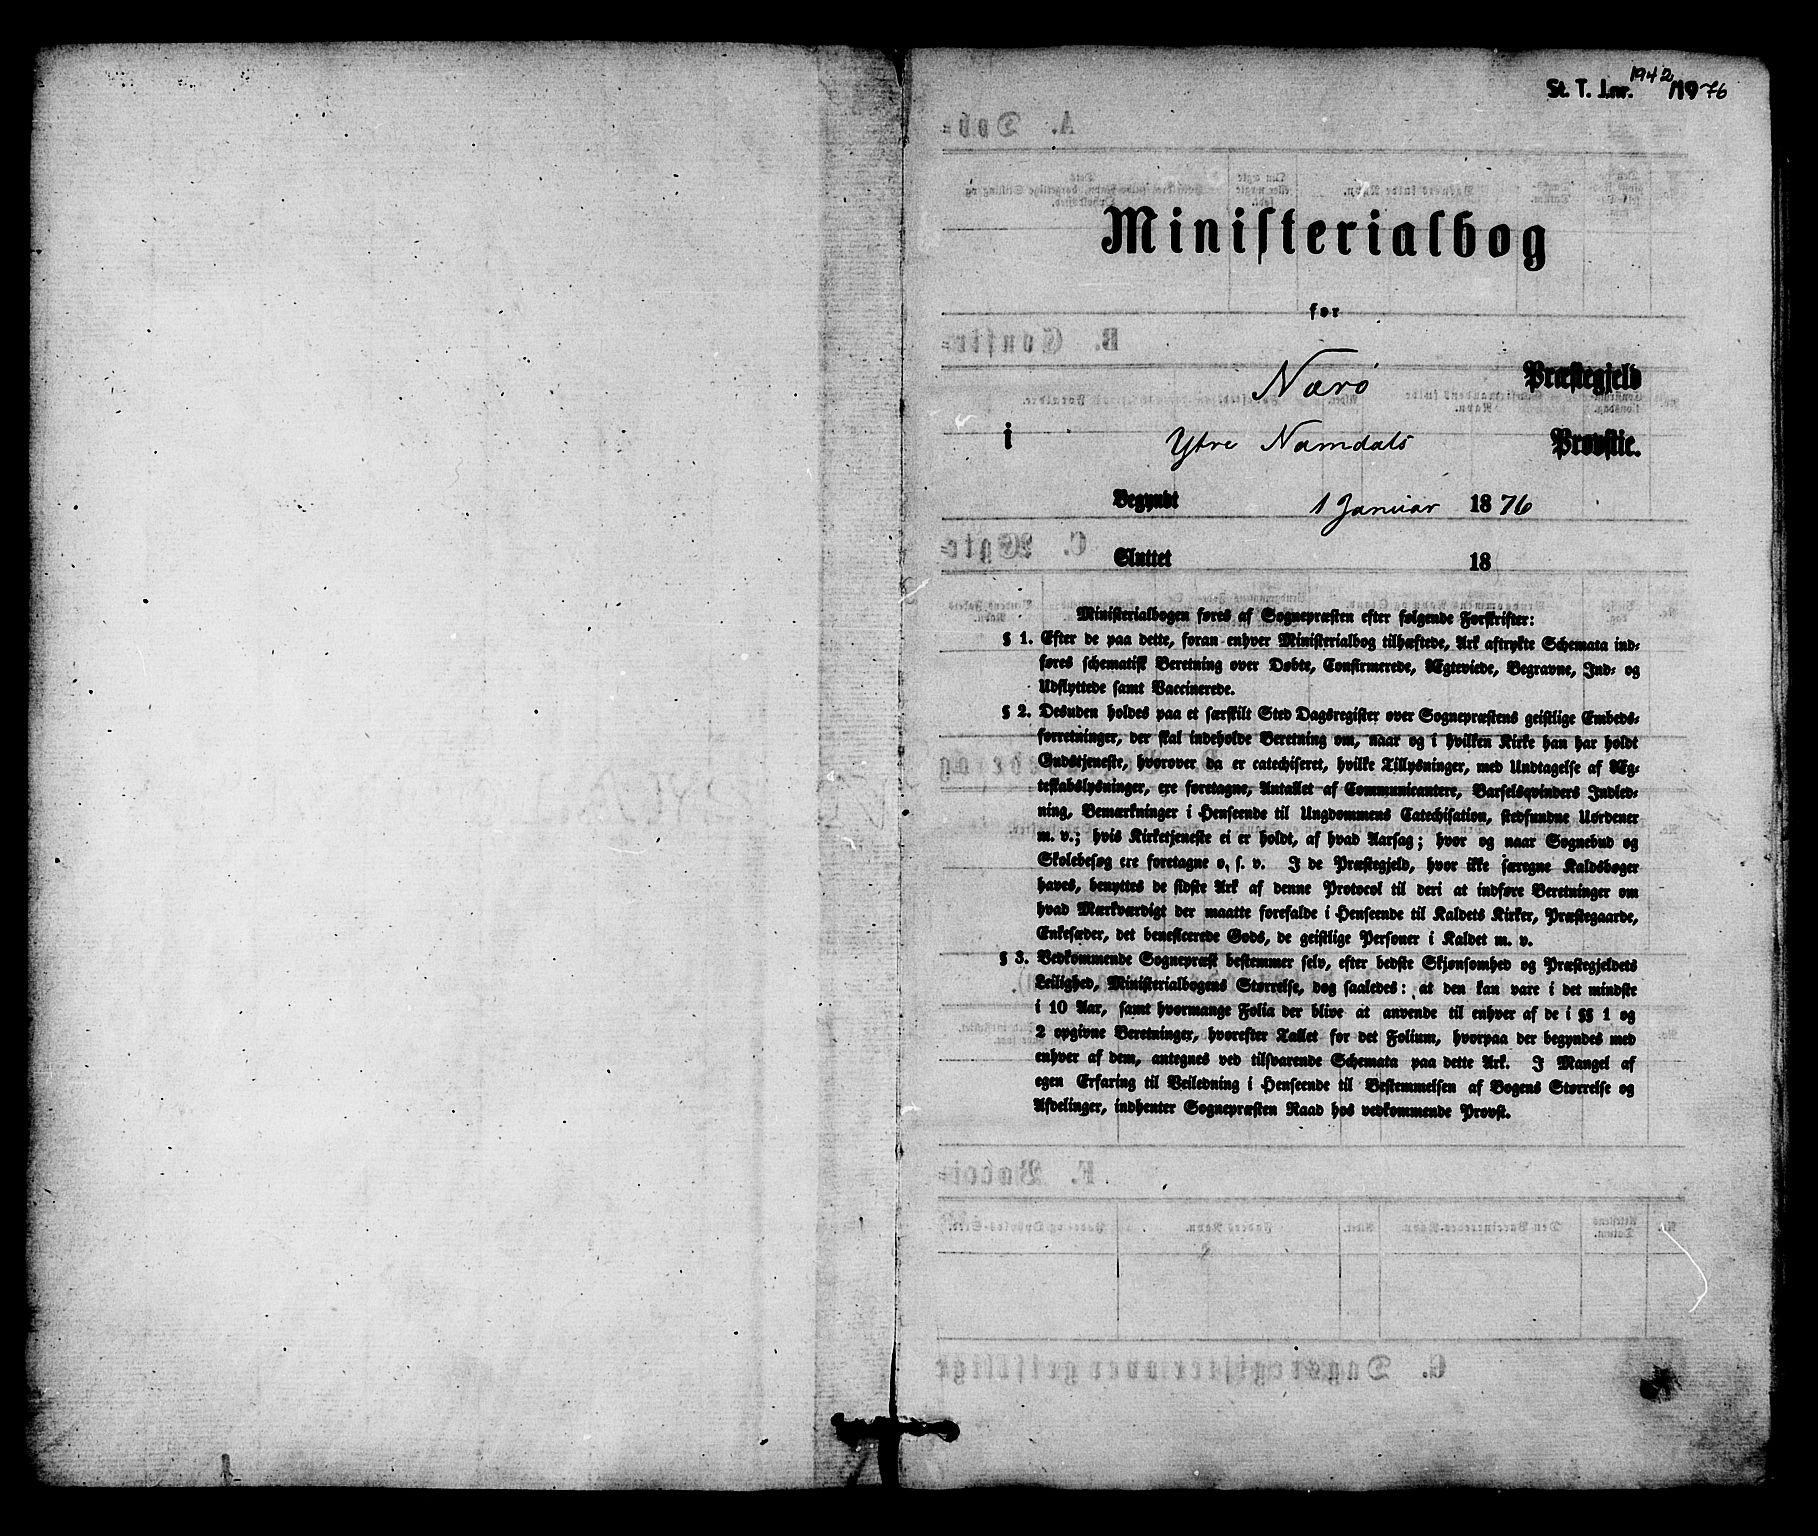 SAT, Ministerialprotokoller, klokkerbøker og fødselsregistre - Nord-Trøndelag, 784/L0671: Ministerialbok nr. 784A06, 1876-1879